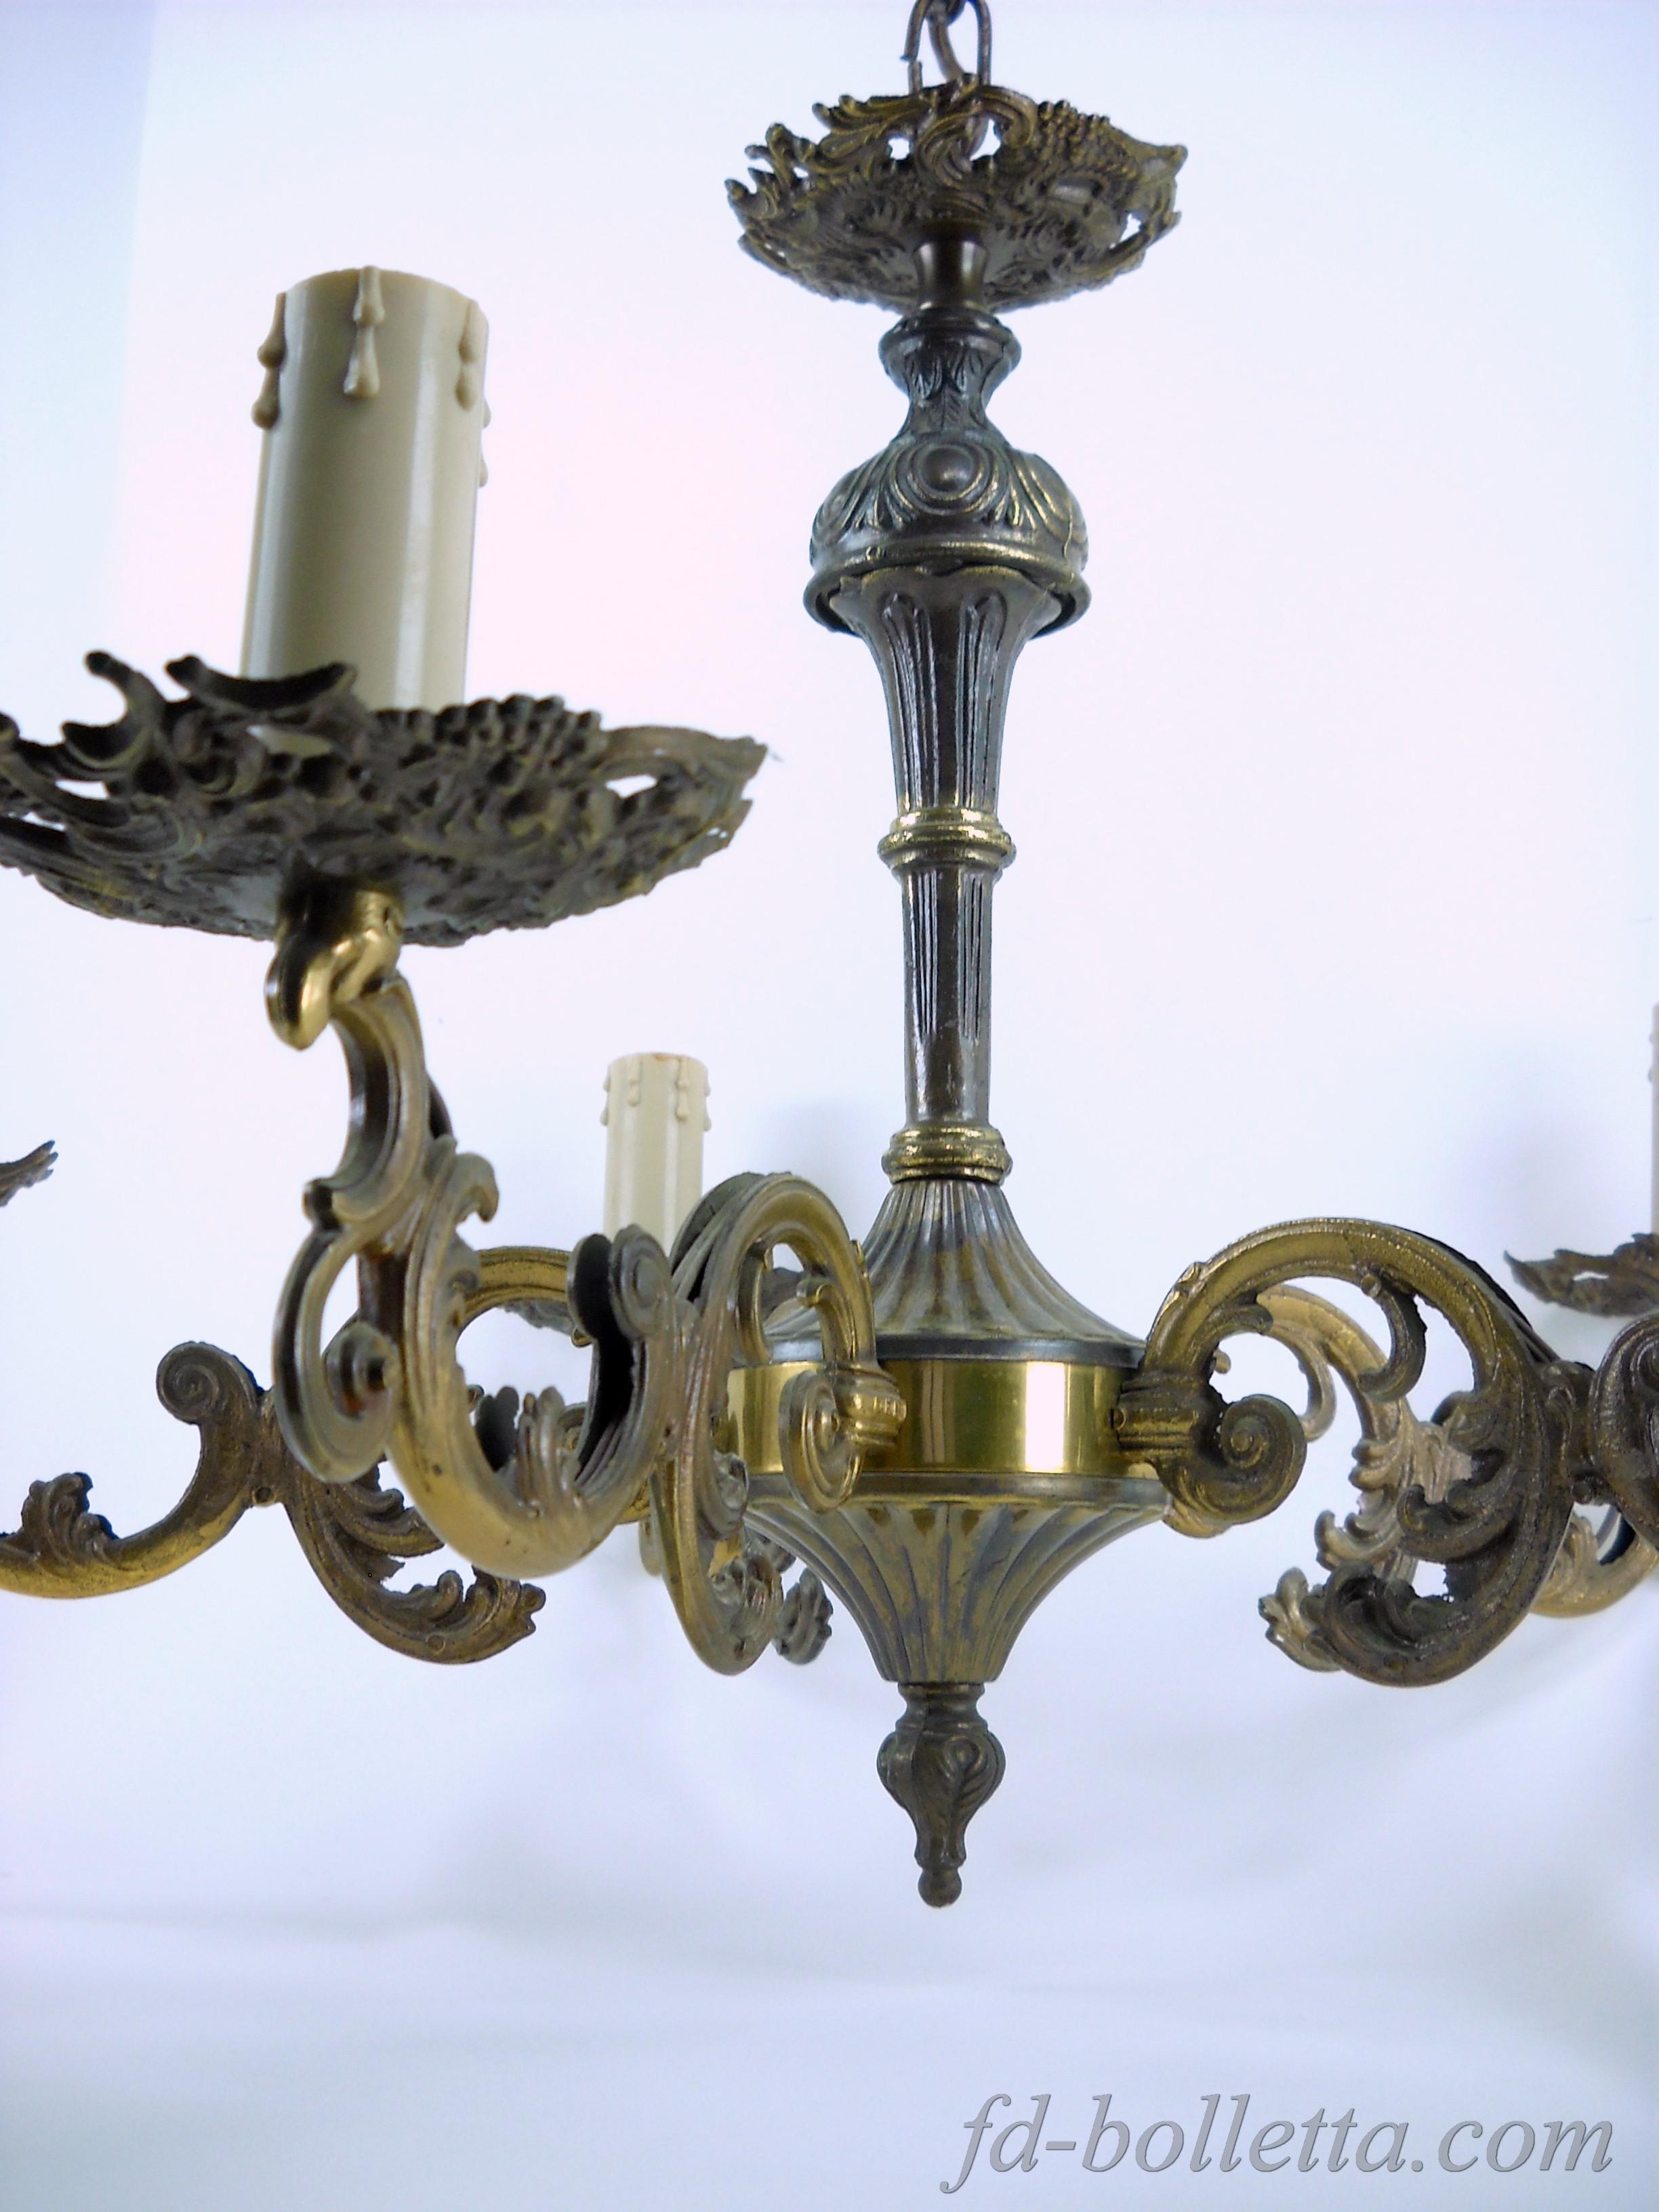 lampadari ottone : ... in ottone,lampadario vintage a 5 luci,vecchi lampadari a305 eBay